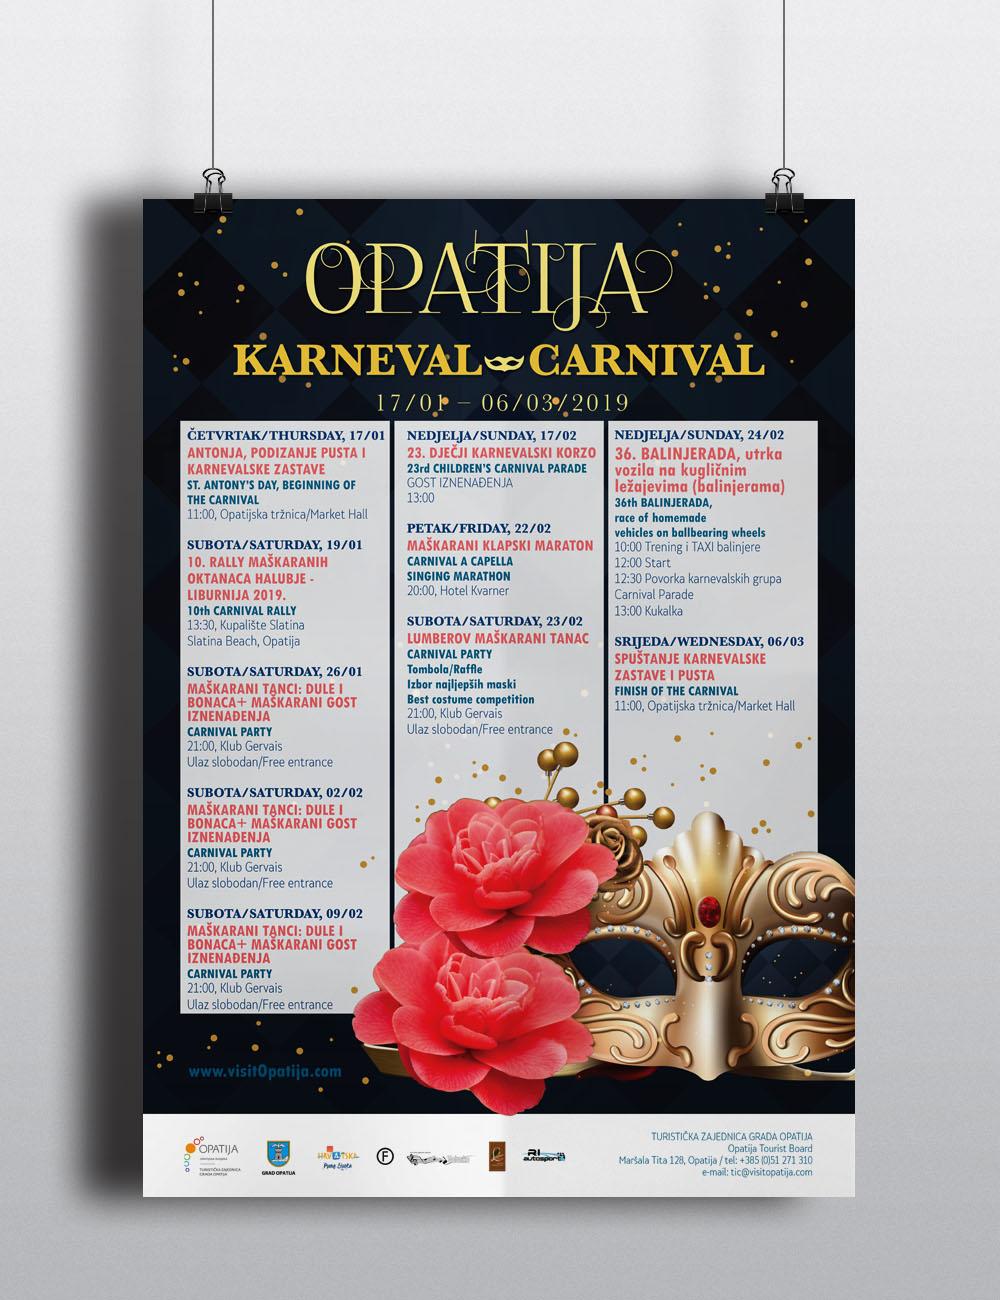 opatija karneval plakat